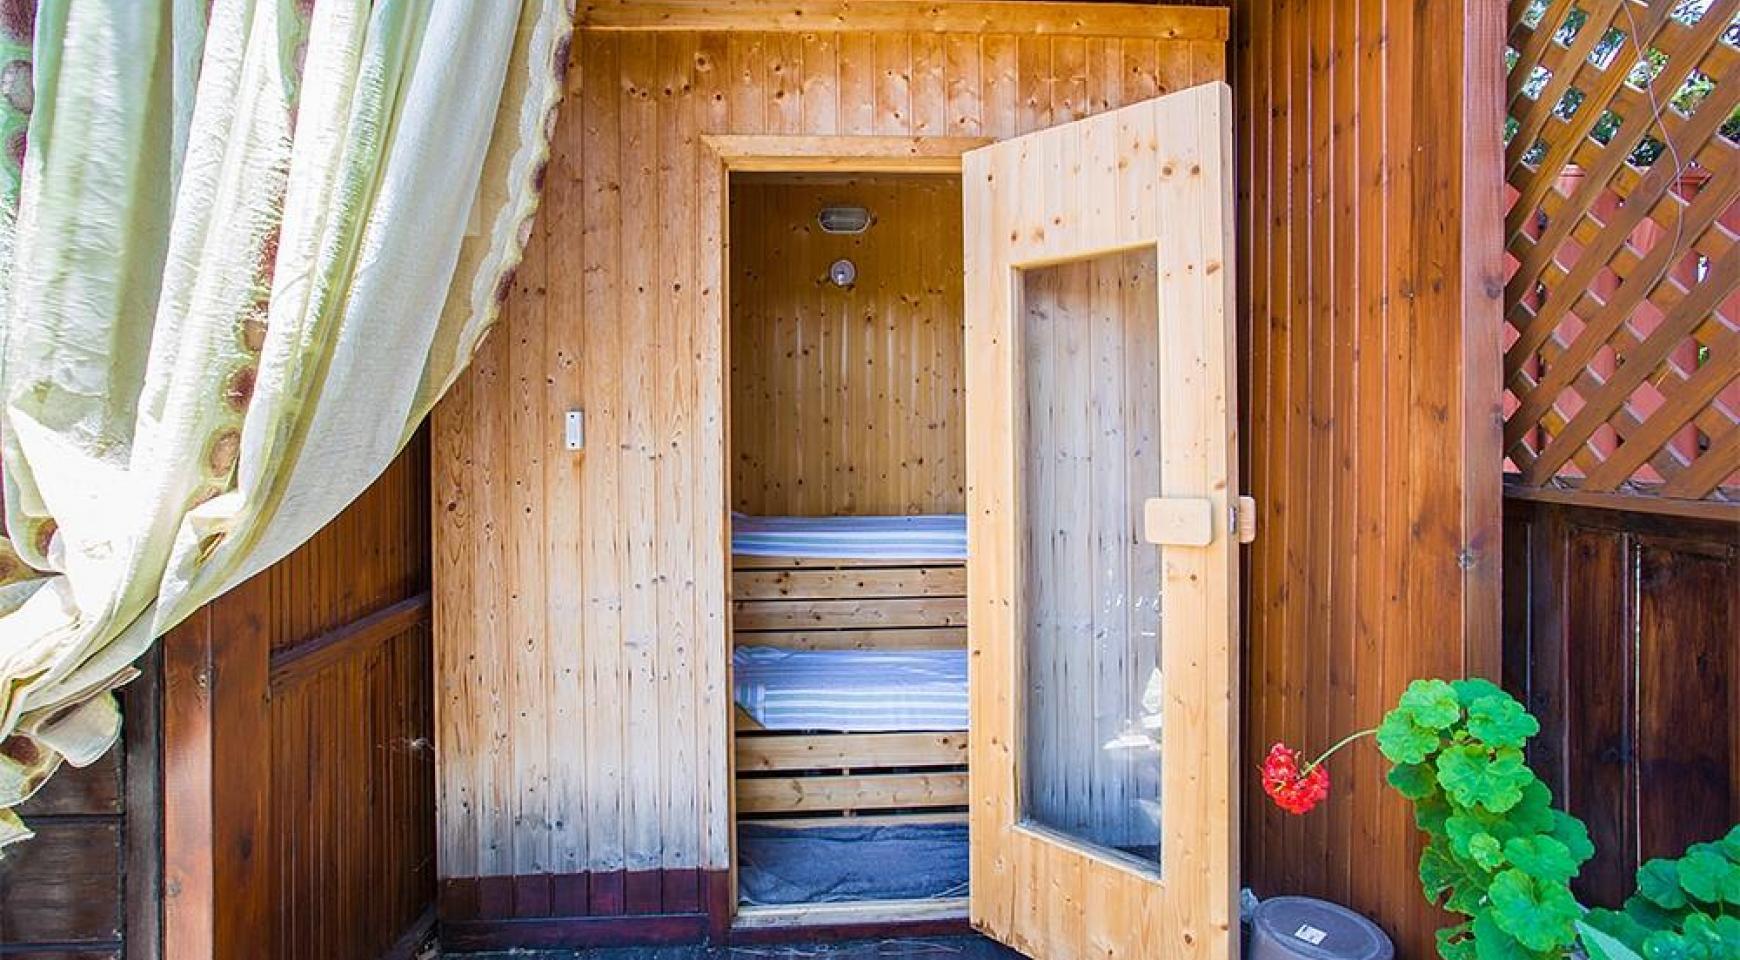 СПЕЦИАЛЬНОЕ ПРЕДЛОЖЕНИЕ! Красивая Просторная 3-Спальная Вилла в Суни - 20